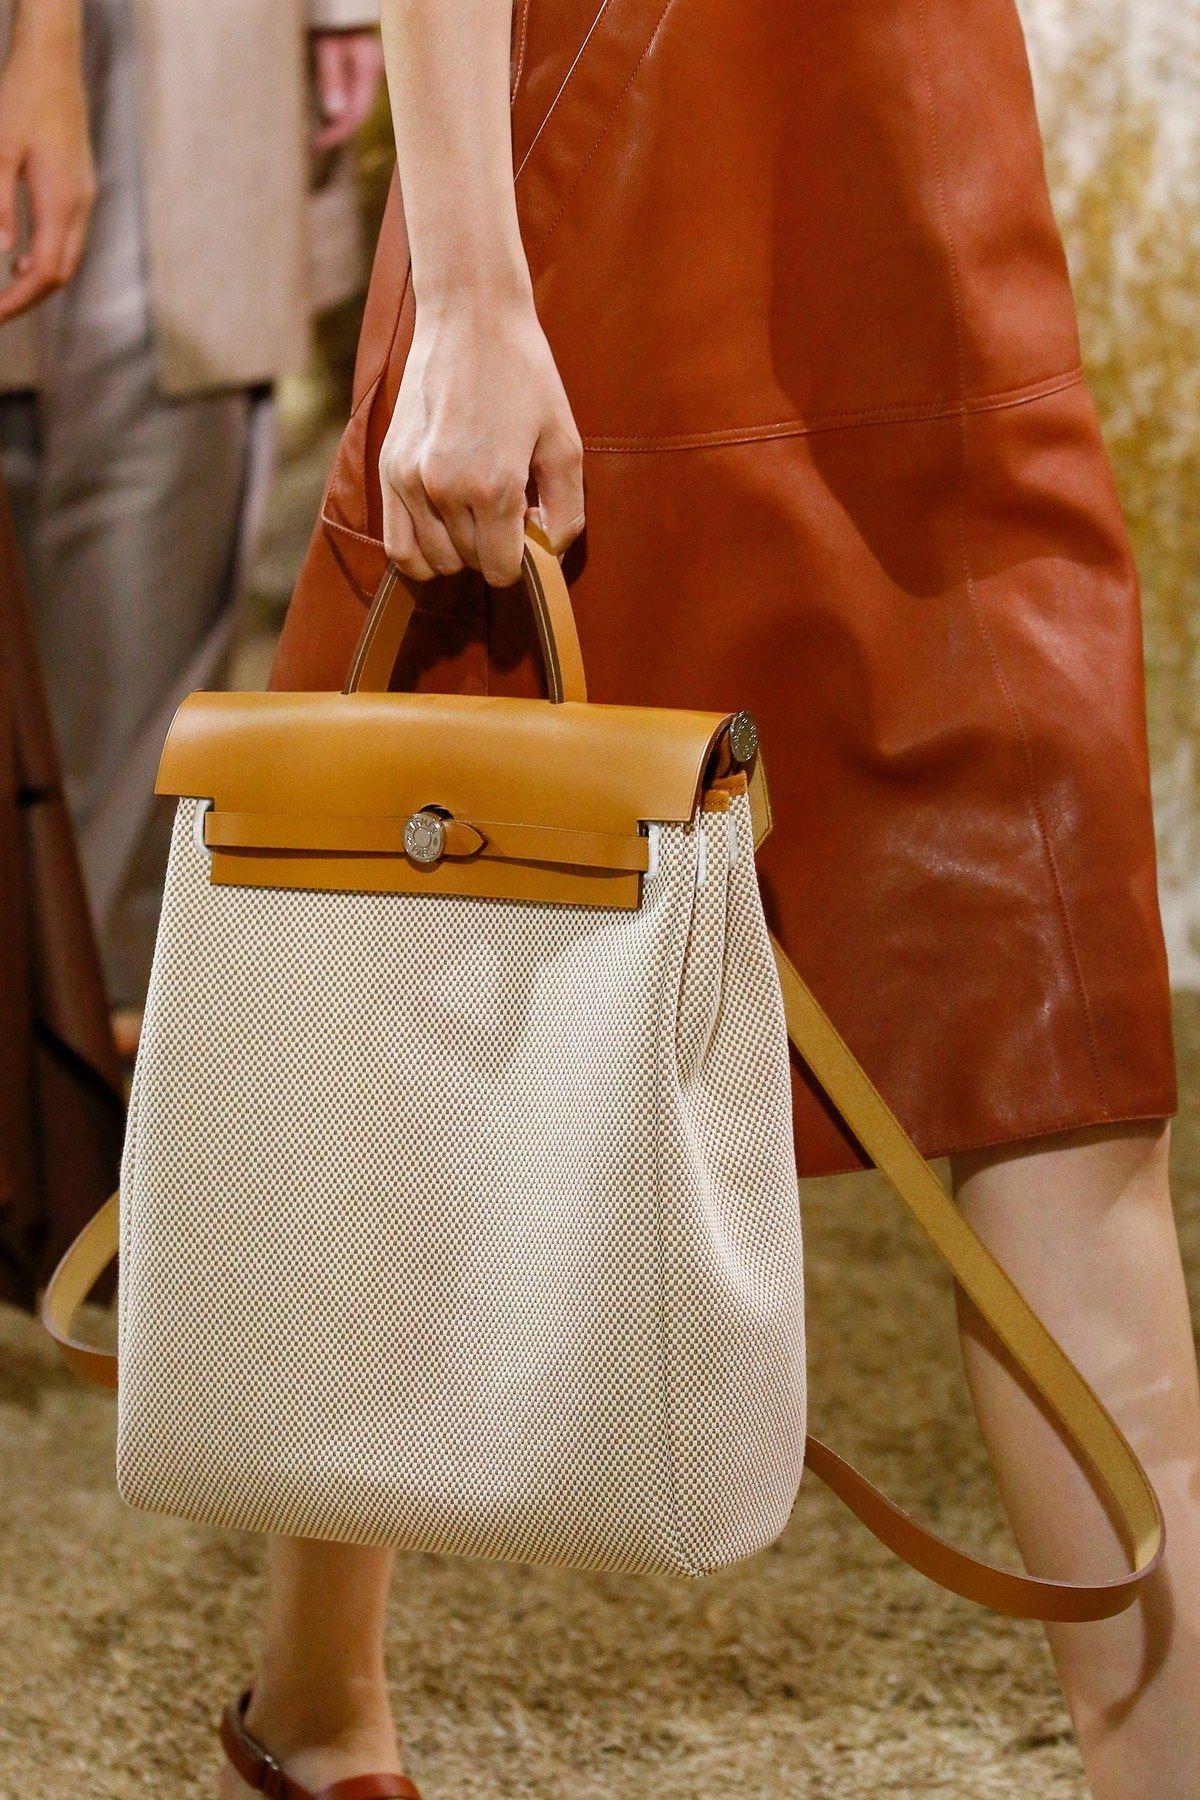 Hermès Resort 2019 Fashion Show Hermes handbags, Handbag